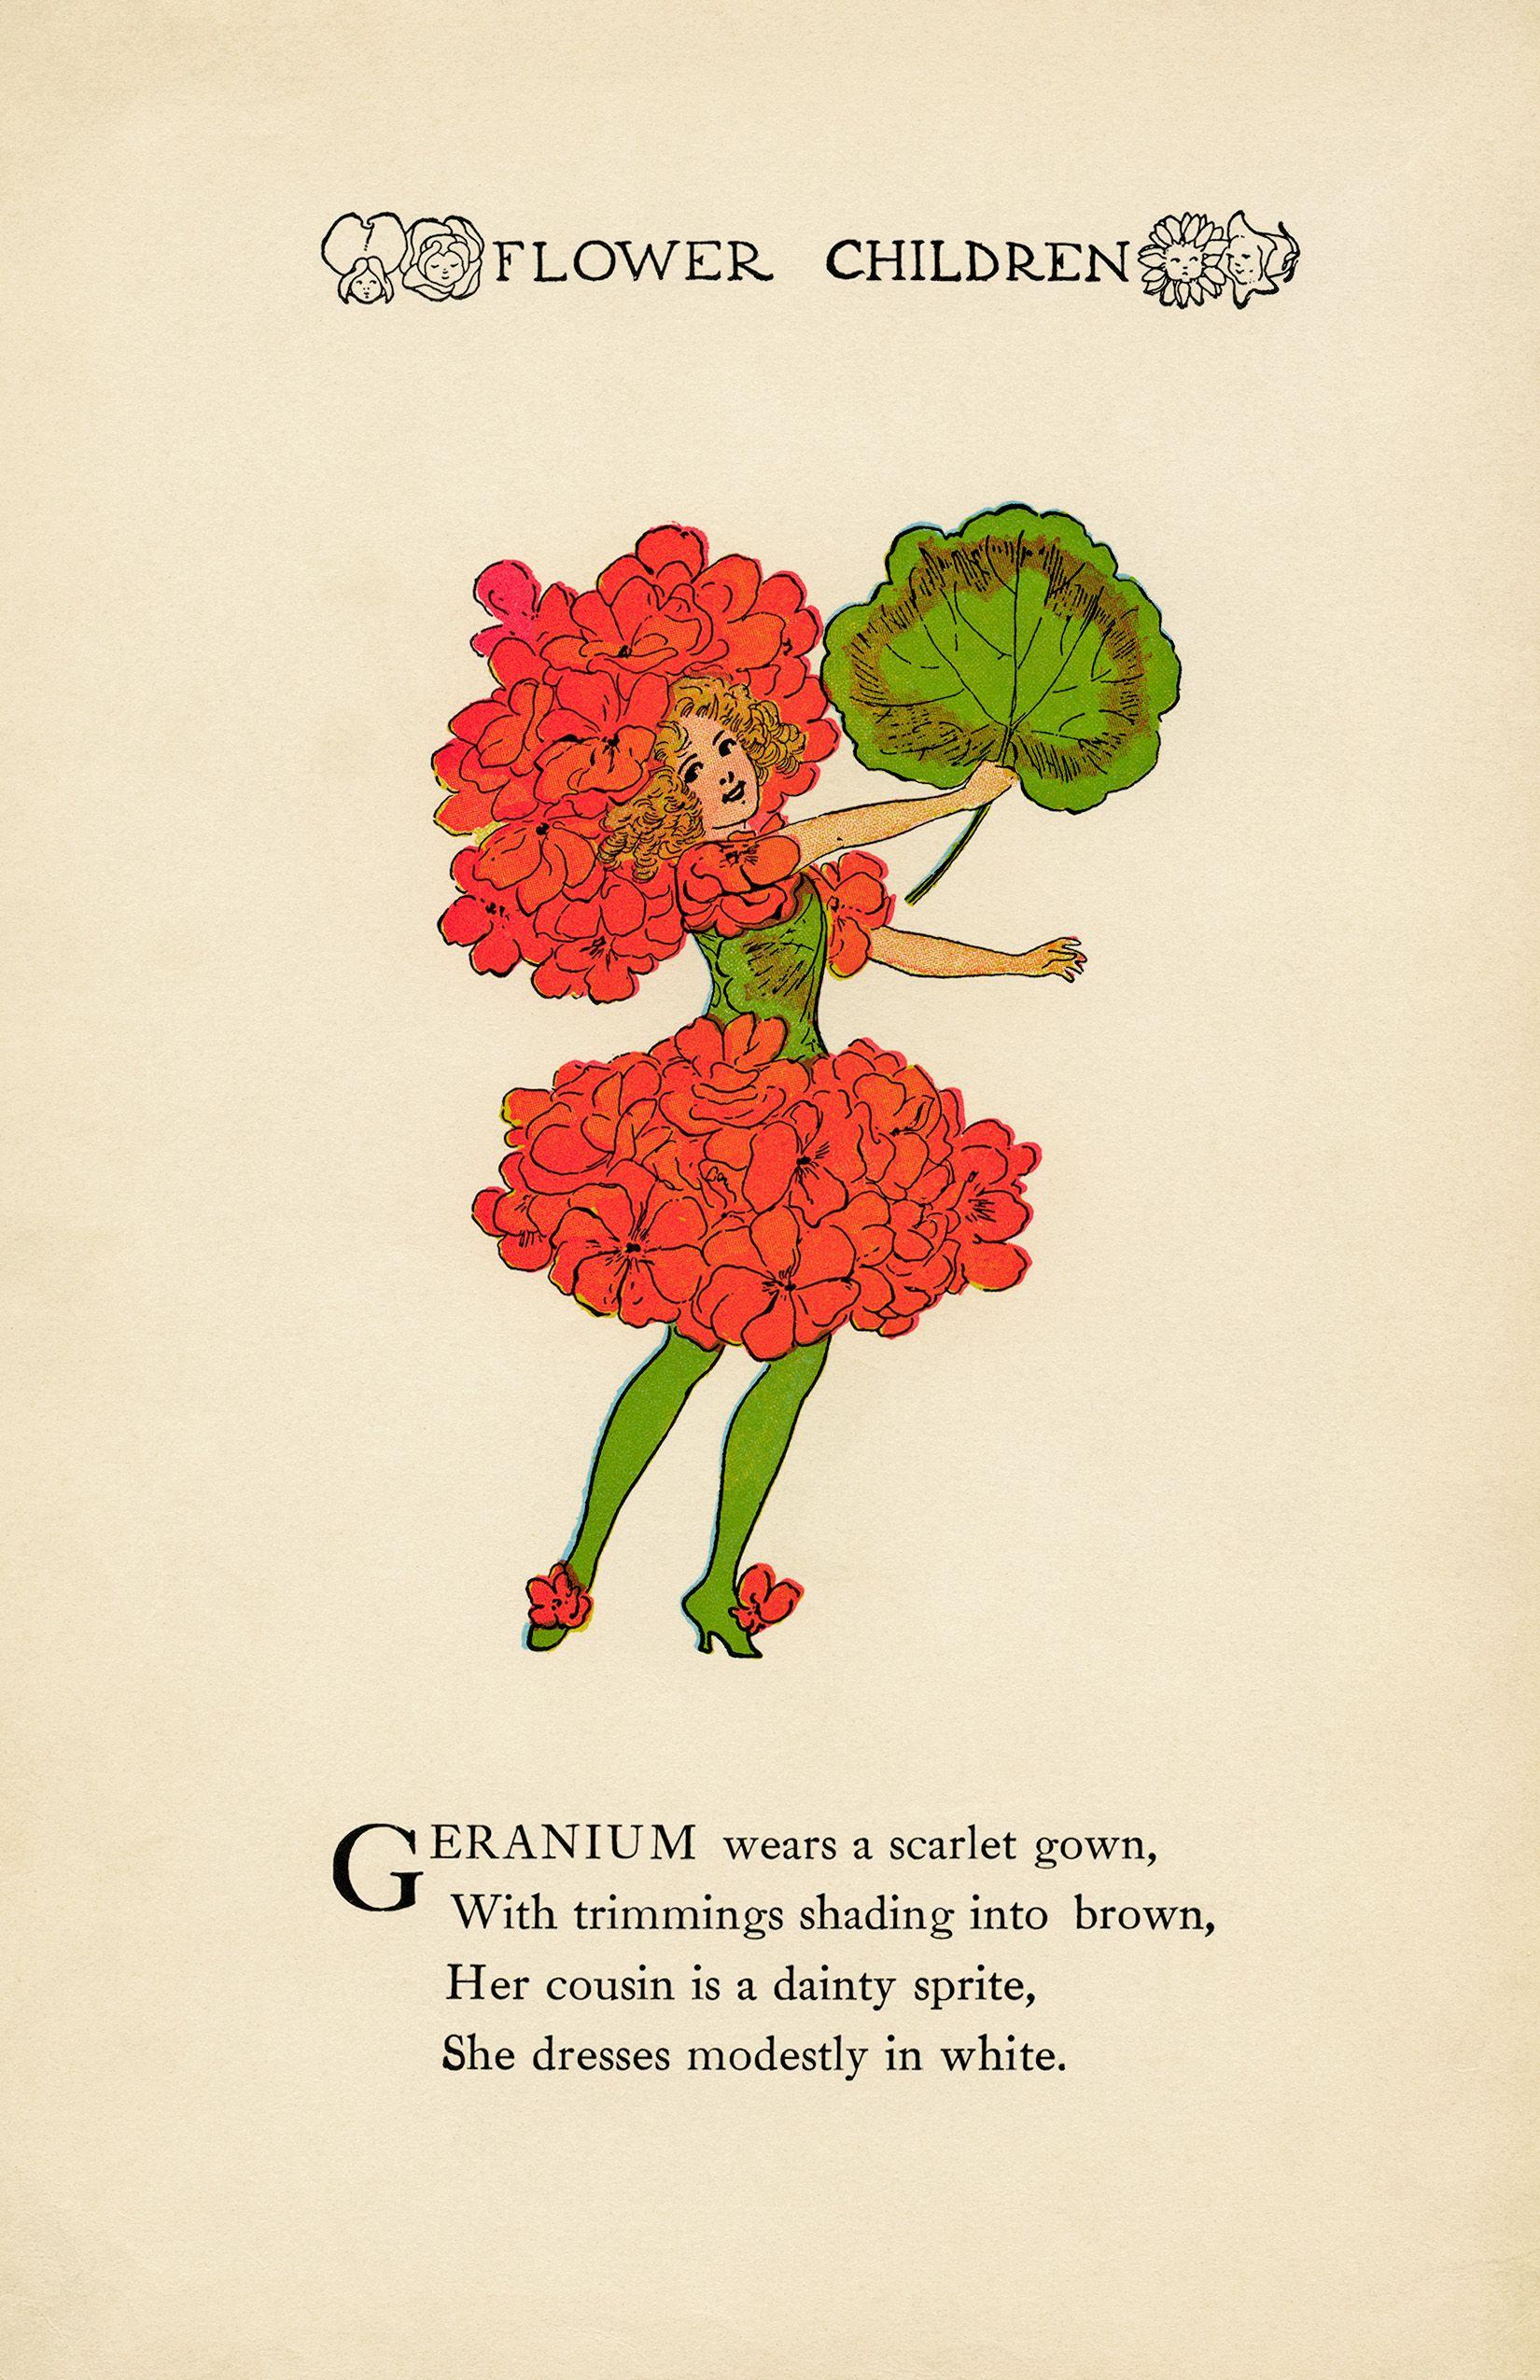 geranium flower child, elizabeth gordon, old book page, vintage